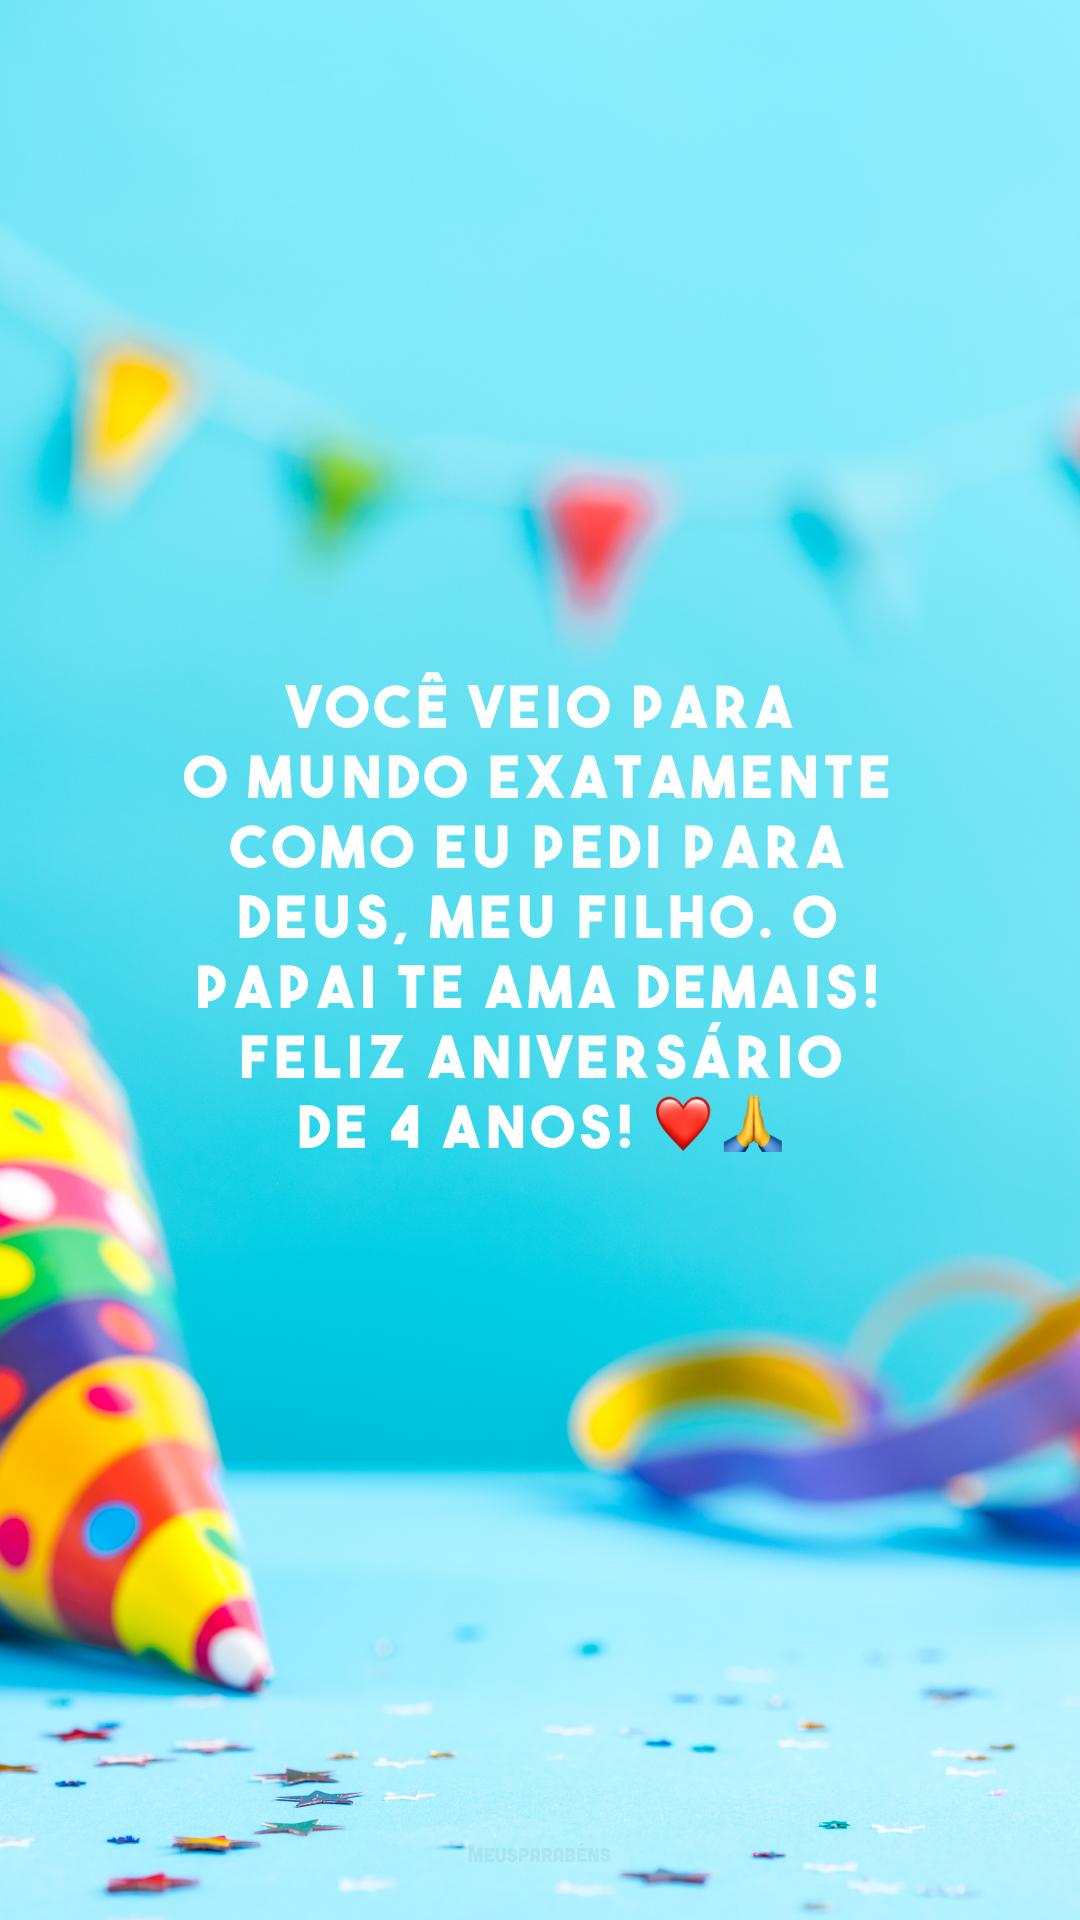 Você veio para o mundo exatamente como eu pedi para Deus, meu filho. O papai te ama demais! Feliz aniversário de 4 anos! ❤️🙏